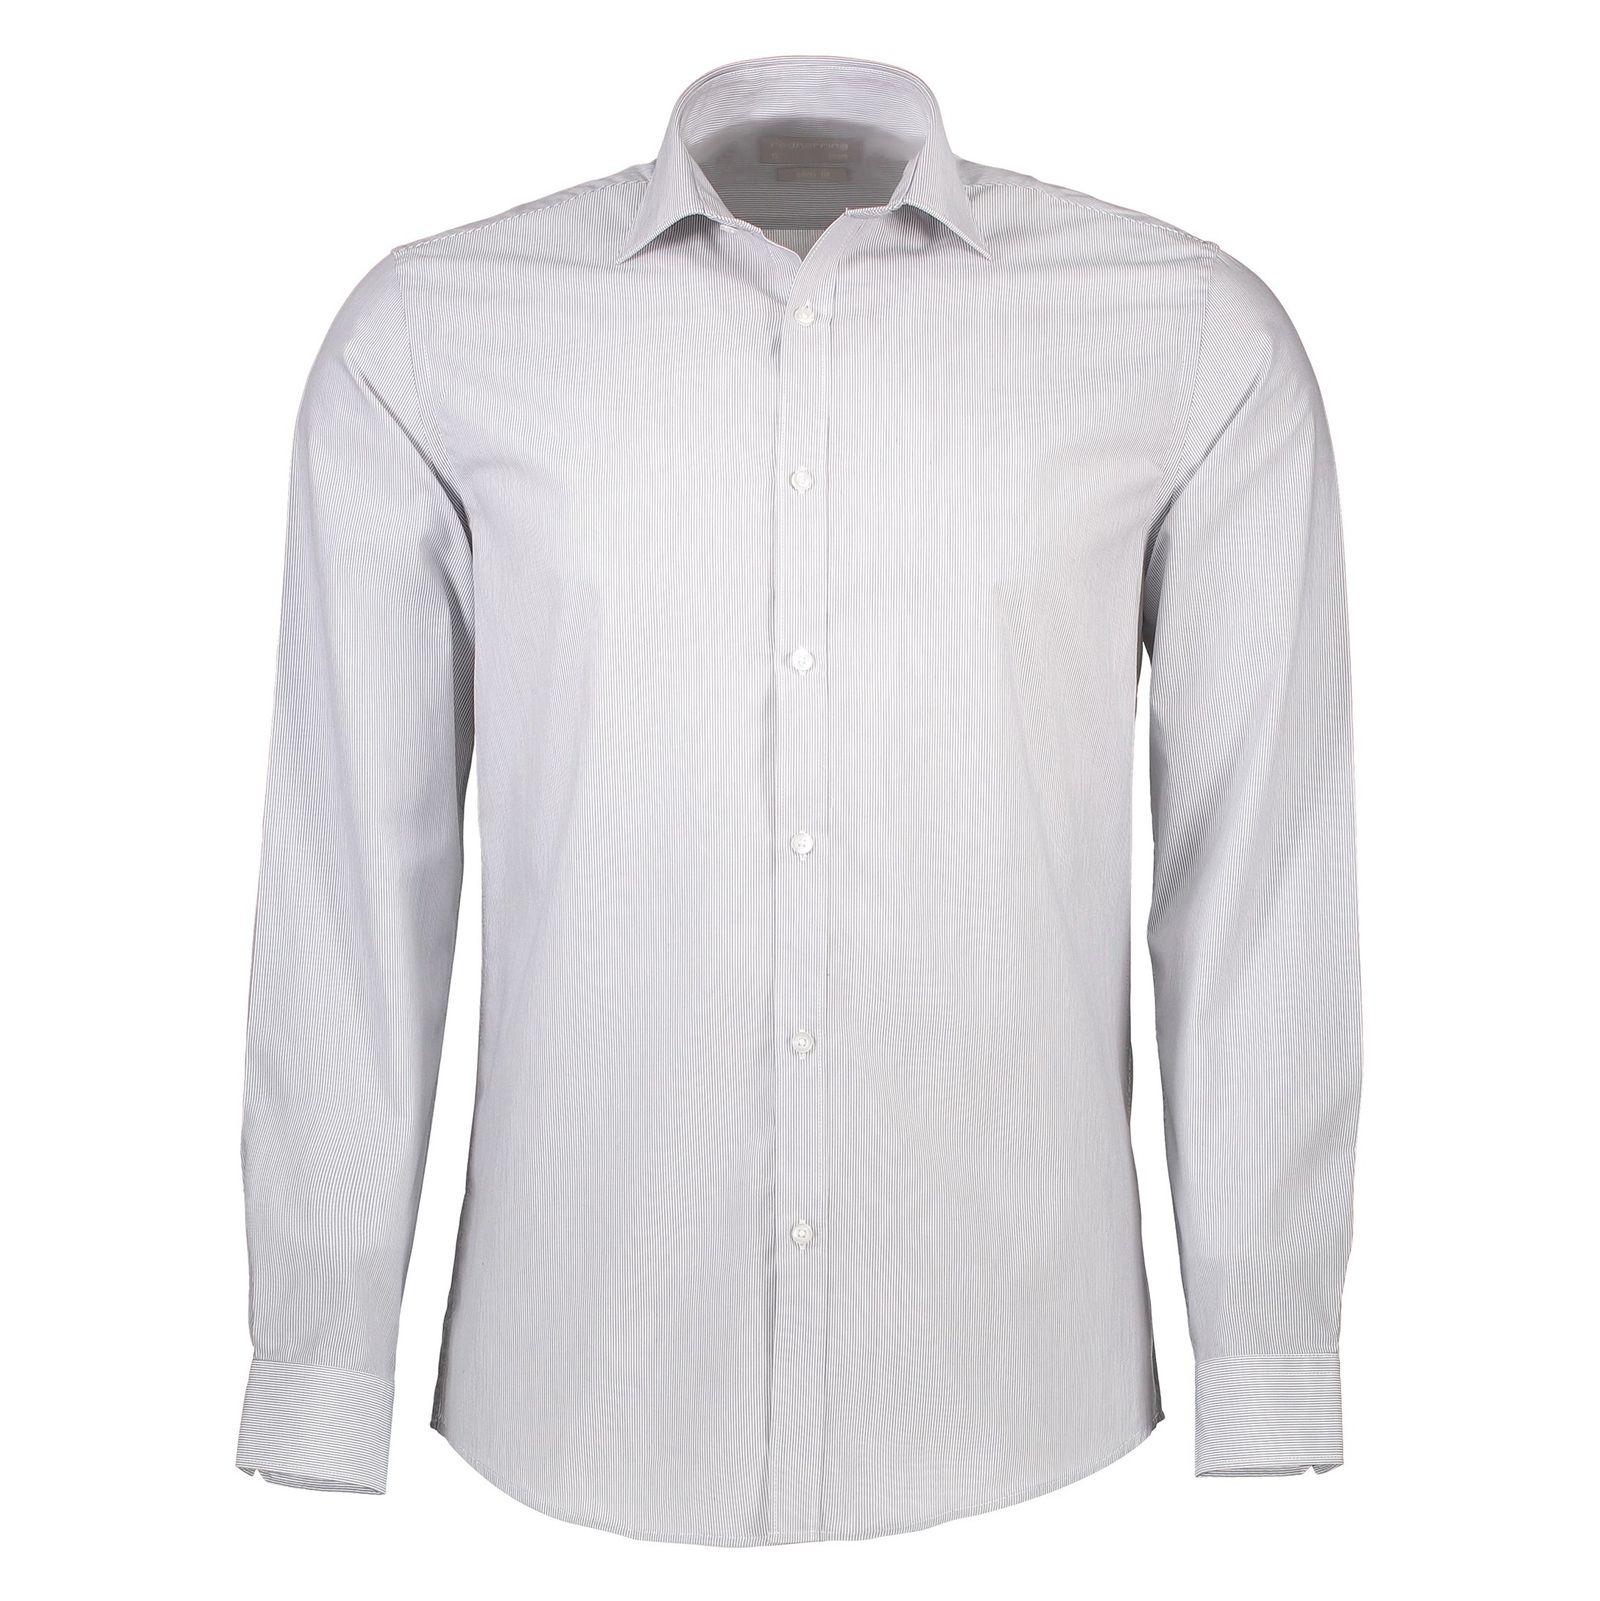 پیراهن رسمی مردانه - رد هرینگ - طوسي - 1